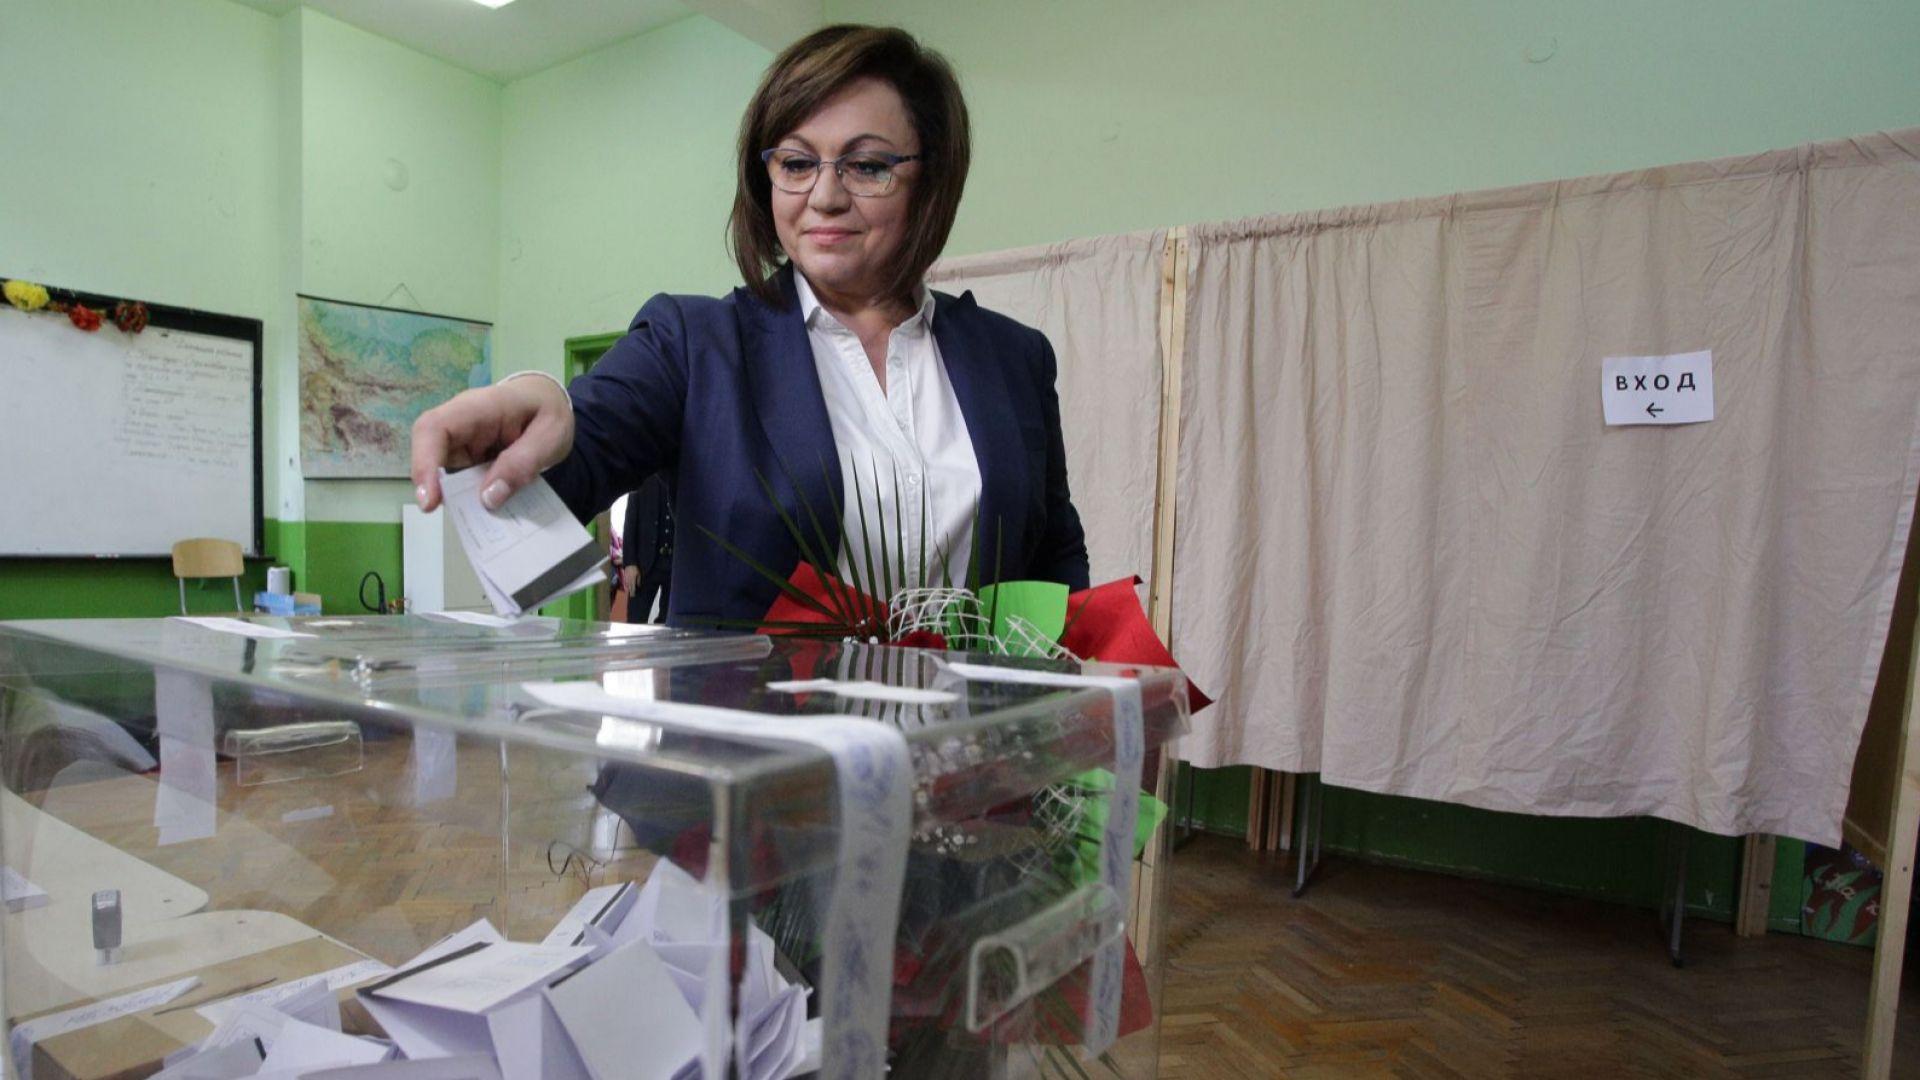 50 социалисти поискаха оставката на лидера на БСП Корнелия Нинова,